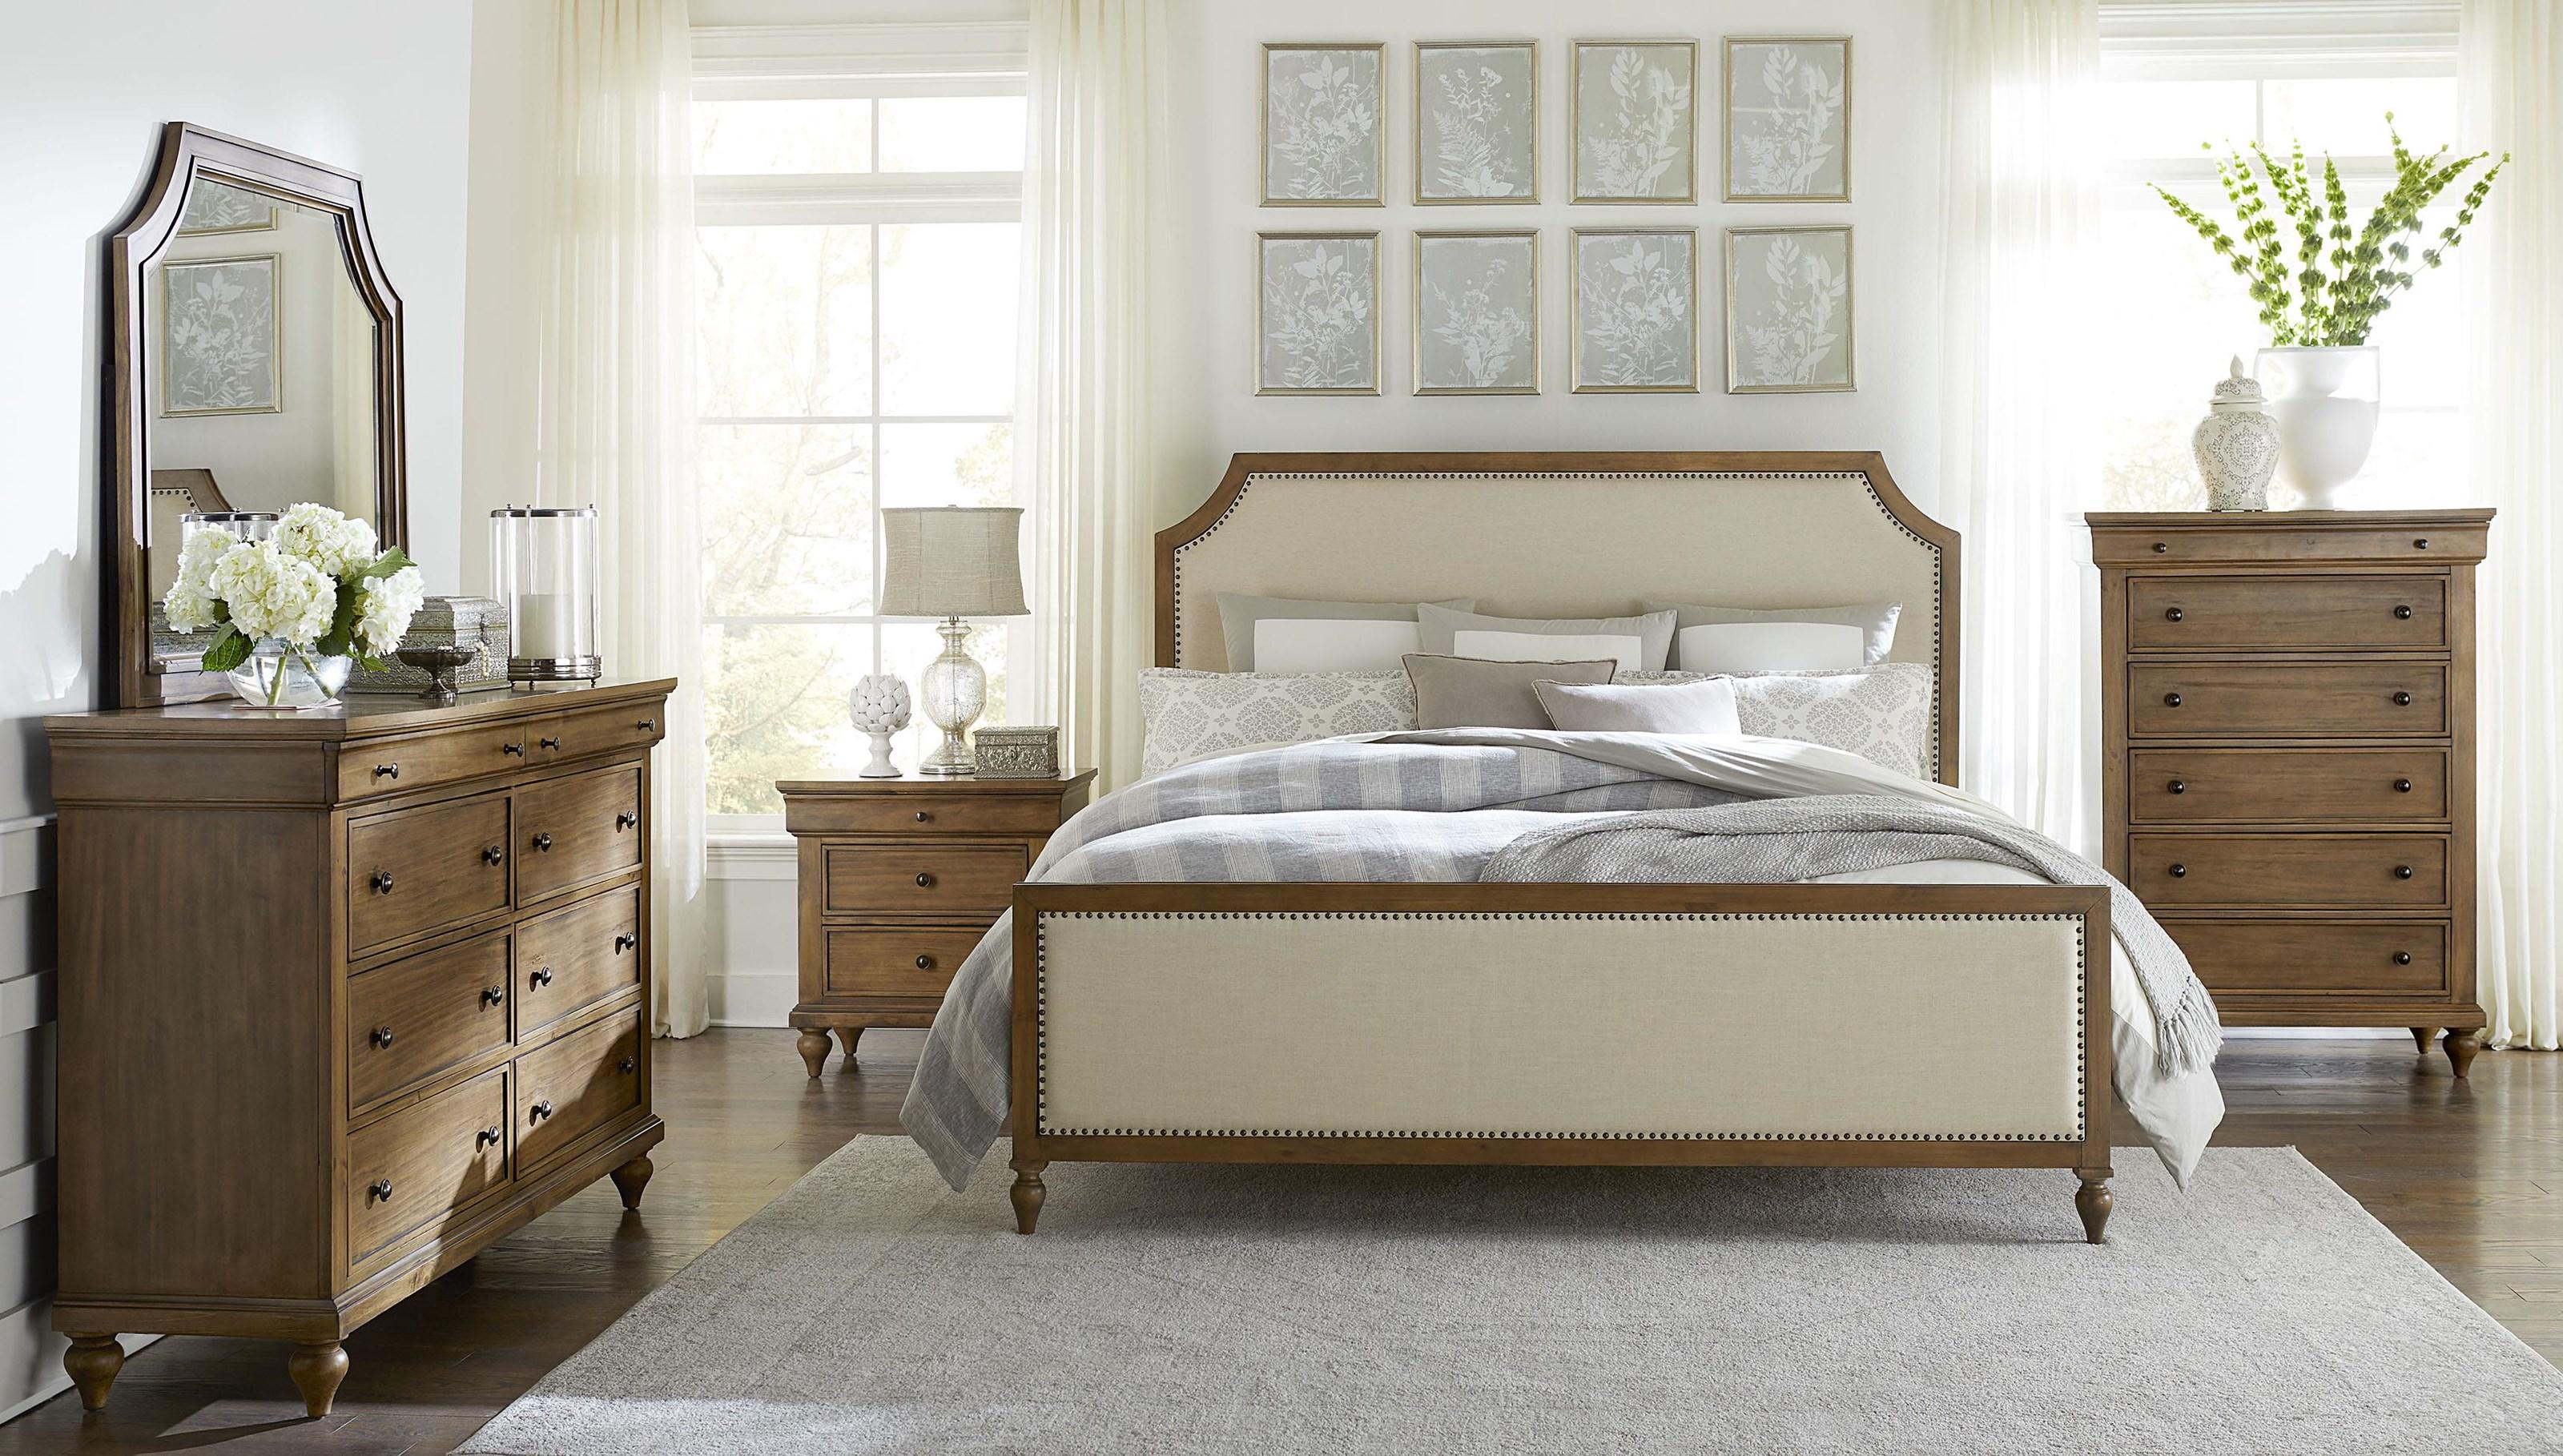 Standard Furniture Brussels Queen Bedroom Group - Item Number: GRP-8895X-QUEENSUITE